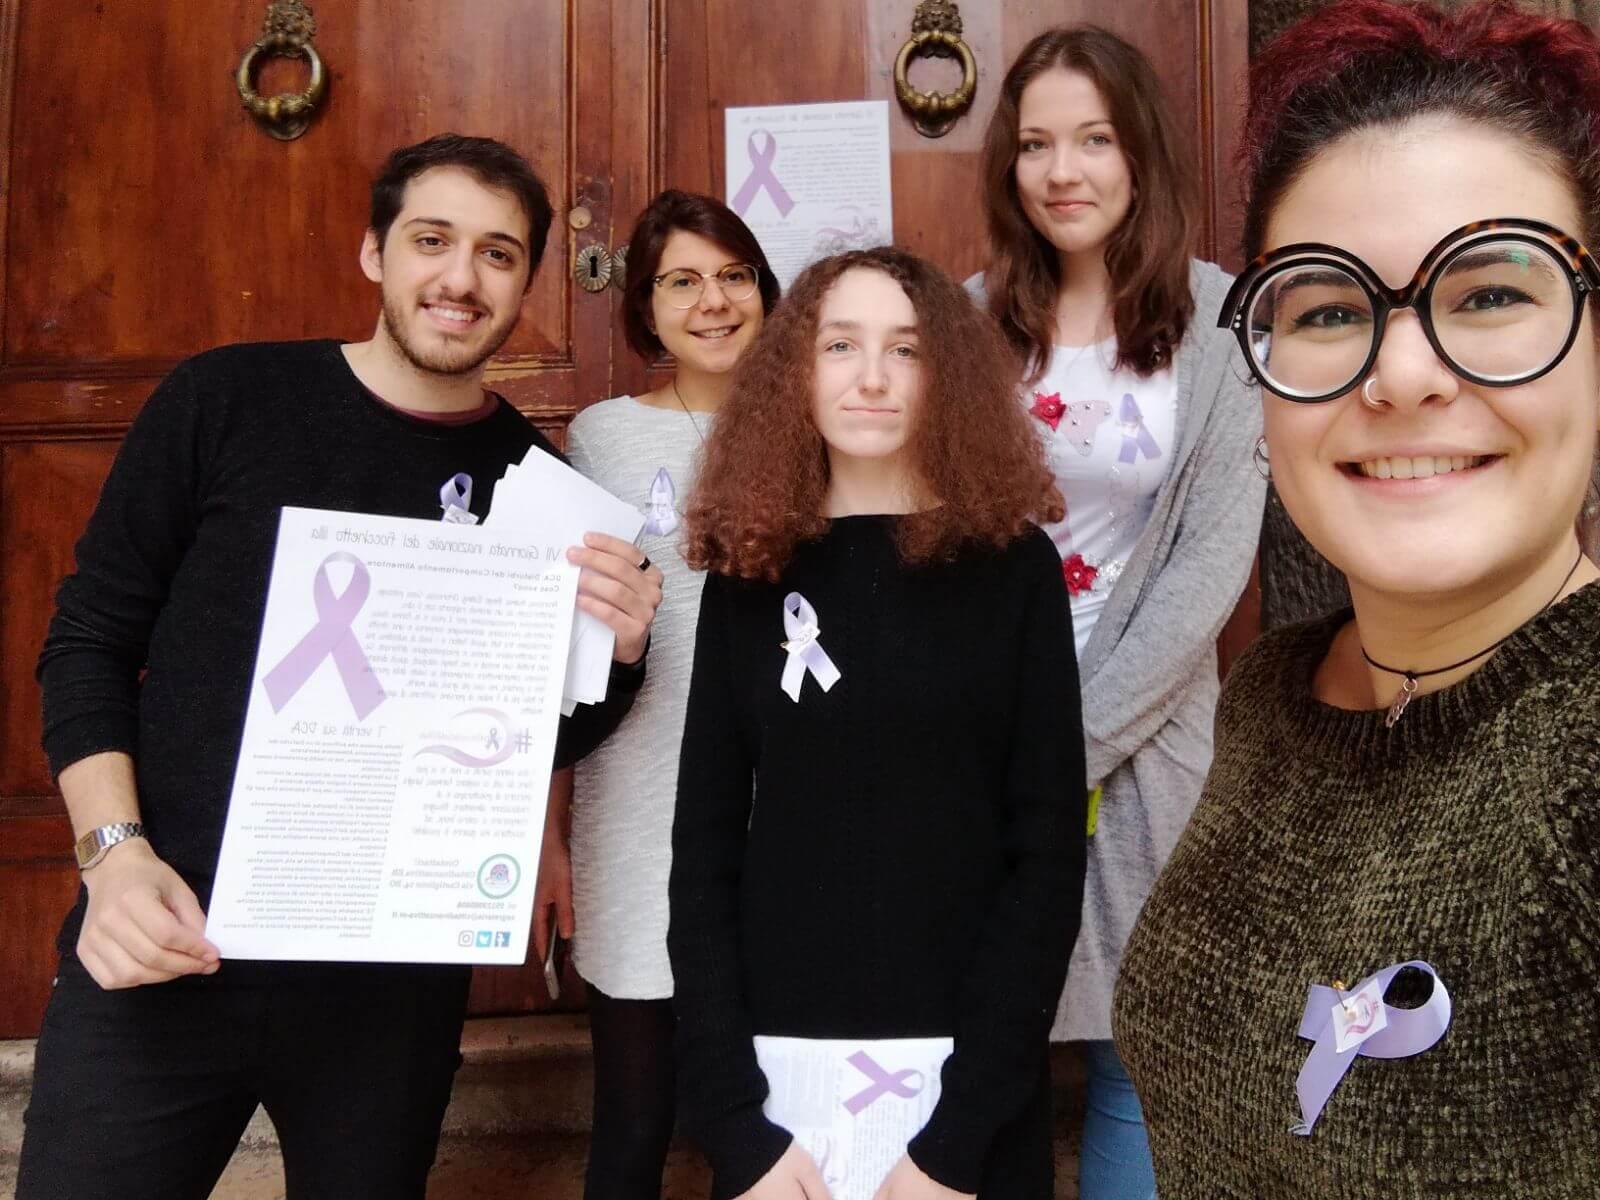 Giornata fiocchetto lilla 2018 Cittadinanzattiva Bologna